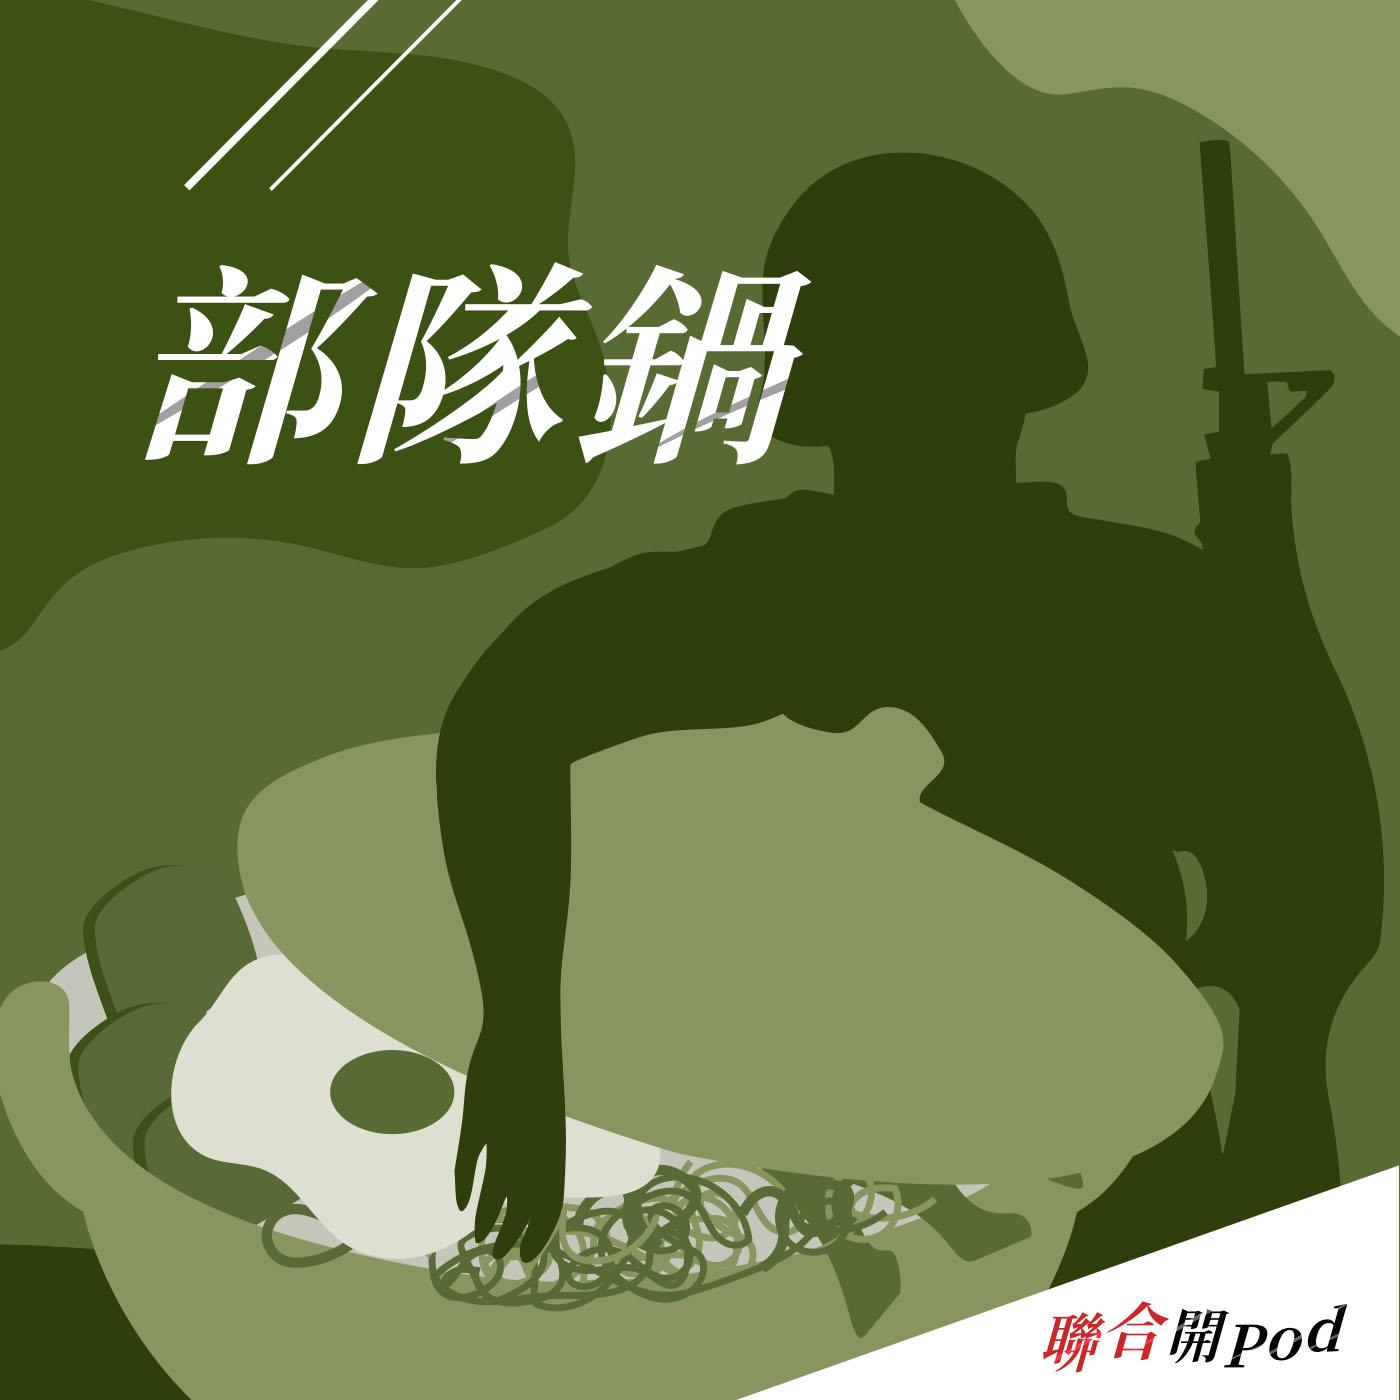 【部隊鍋】EP13   台灣首位開F-16越洋的男人  feat.前空軍F-16種子教官郝光明